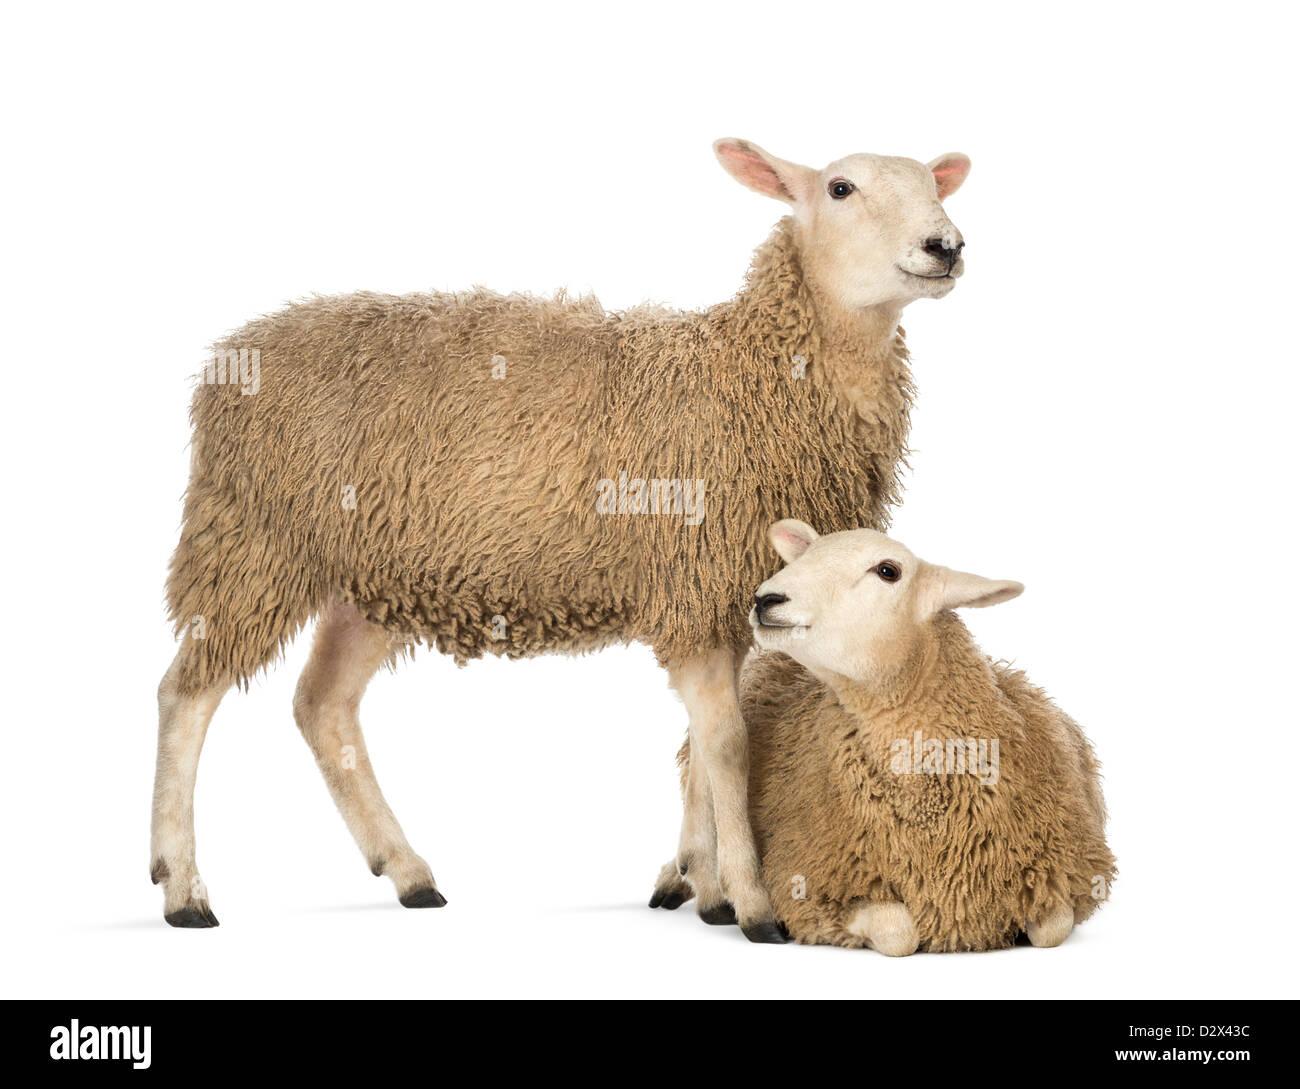 Pecore che giace nella parte anteriore di una pecora in piedi di fronte a uno sfondo bianco Immagini Stock